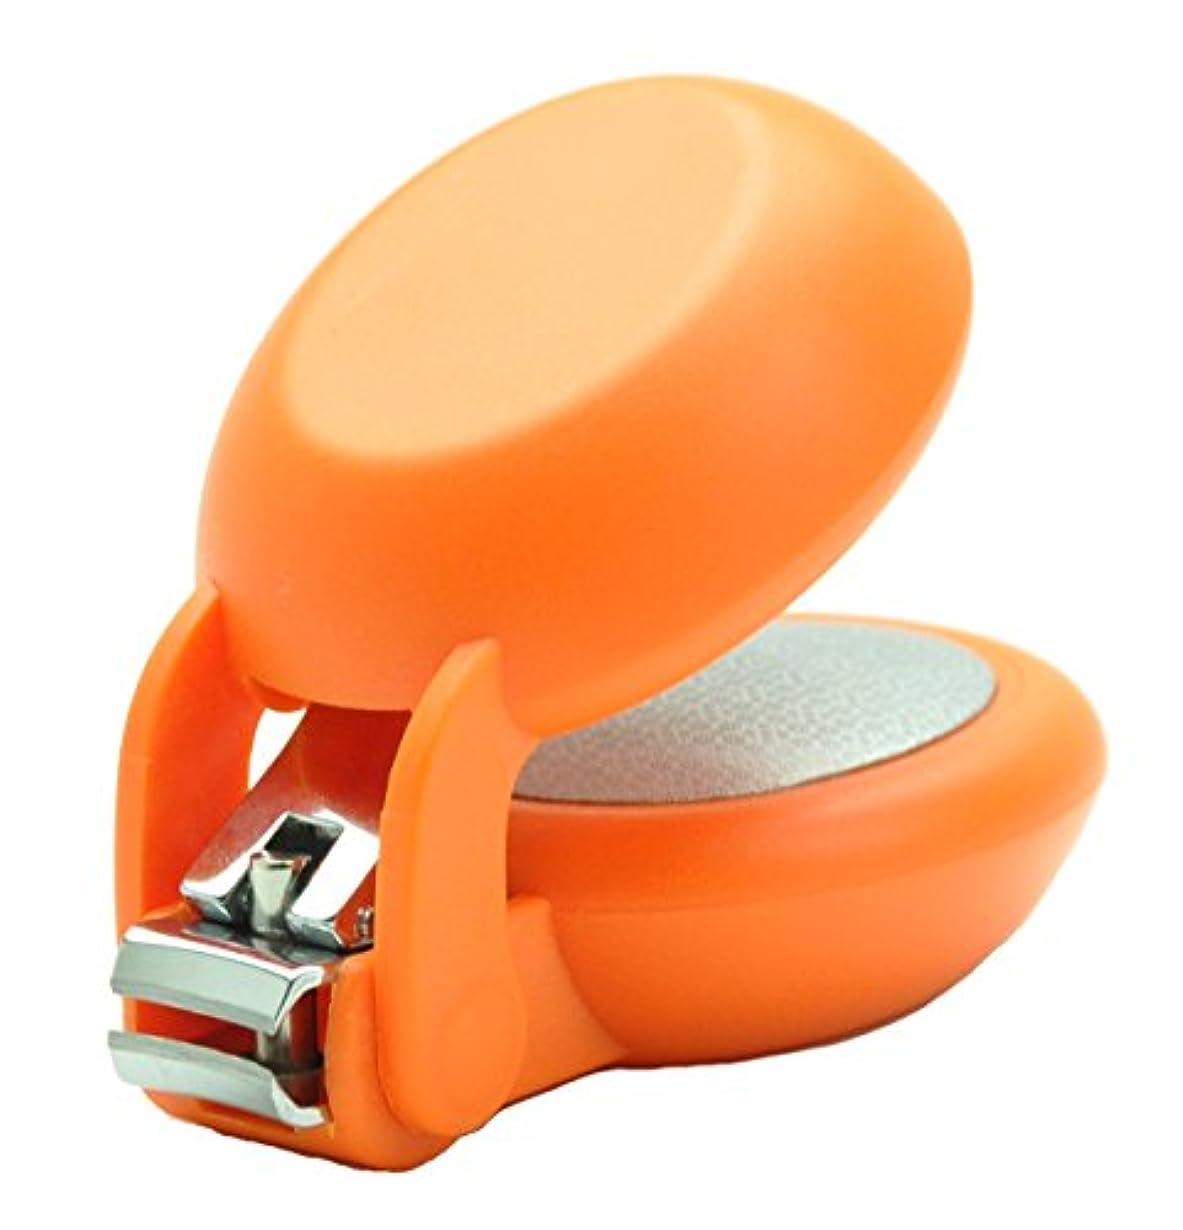 木材の慈悲でチケット爪切り nail clipper (ネイルクリッパー) Nail+ (ネイルプラス) Orange (オレンジ)